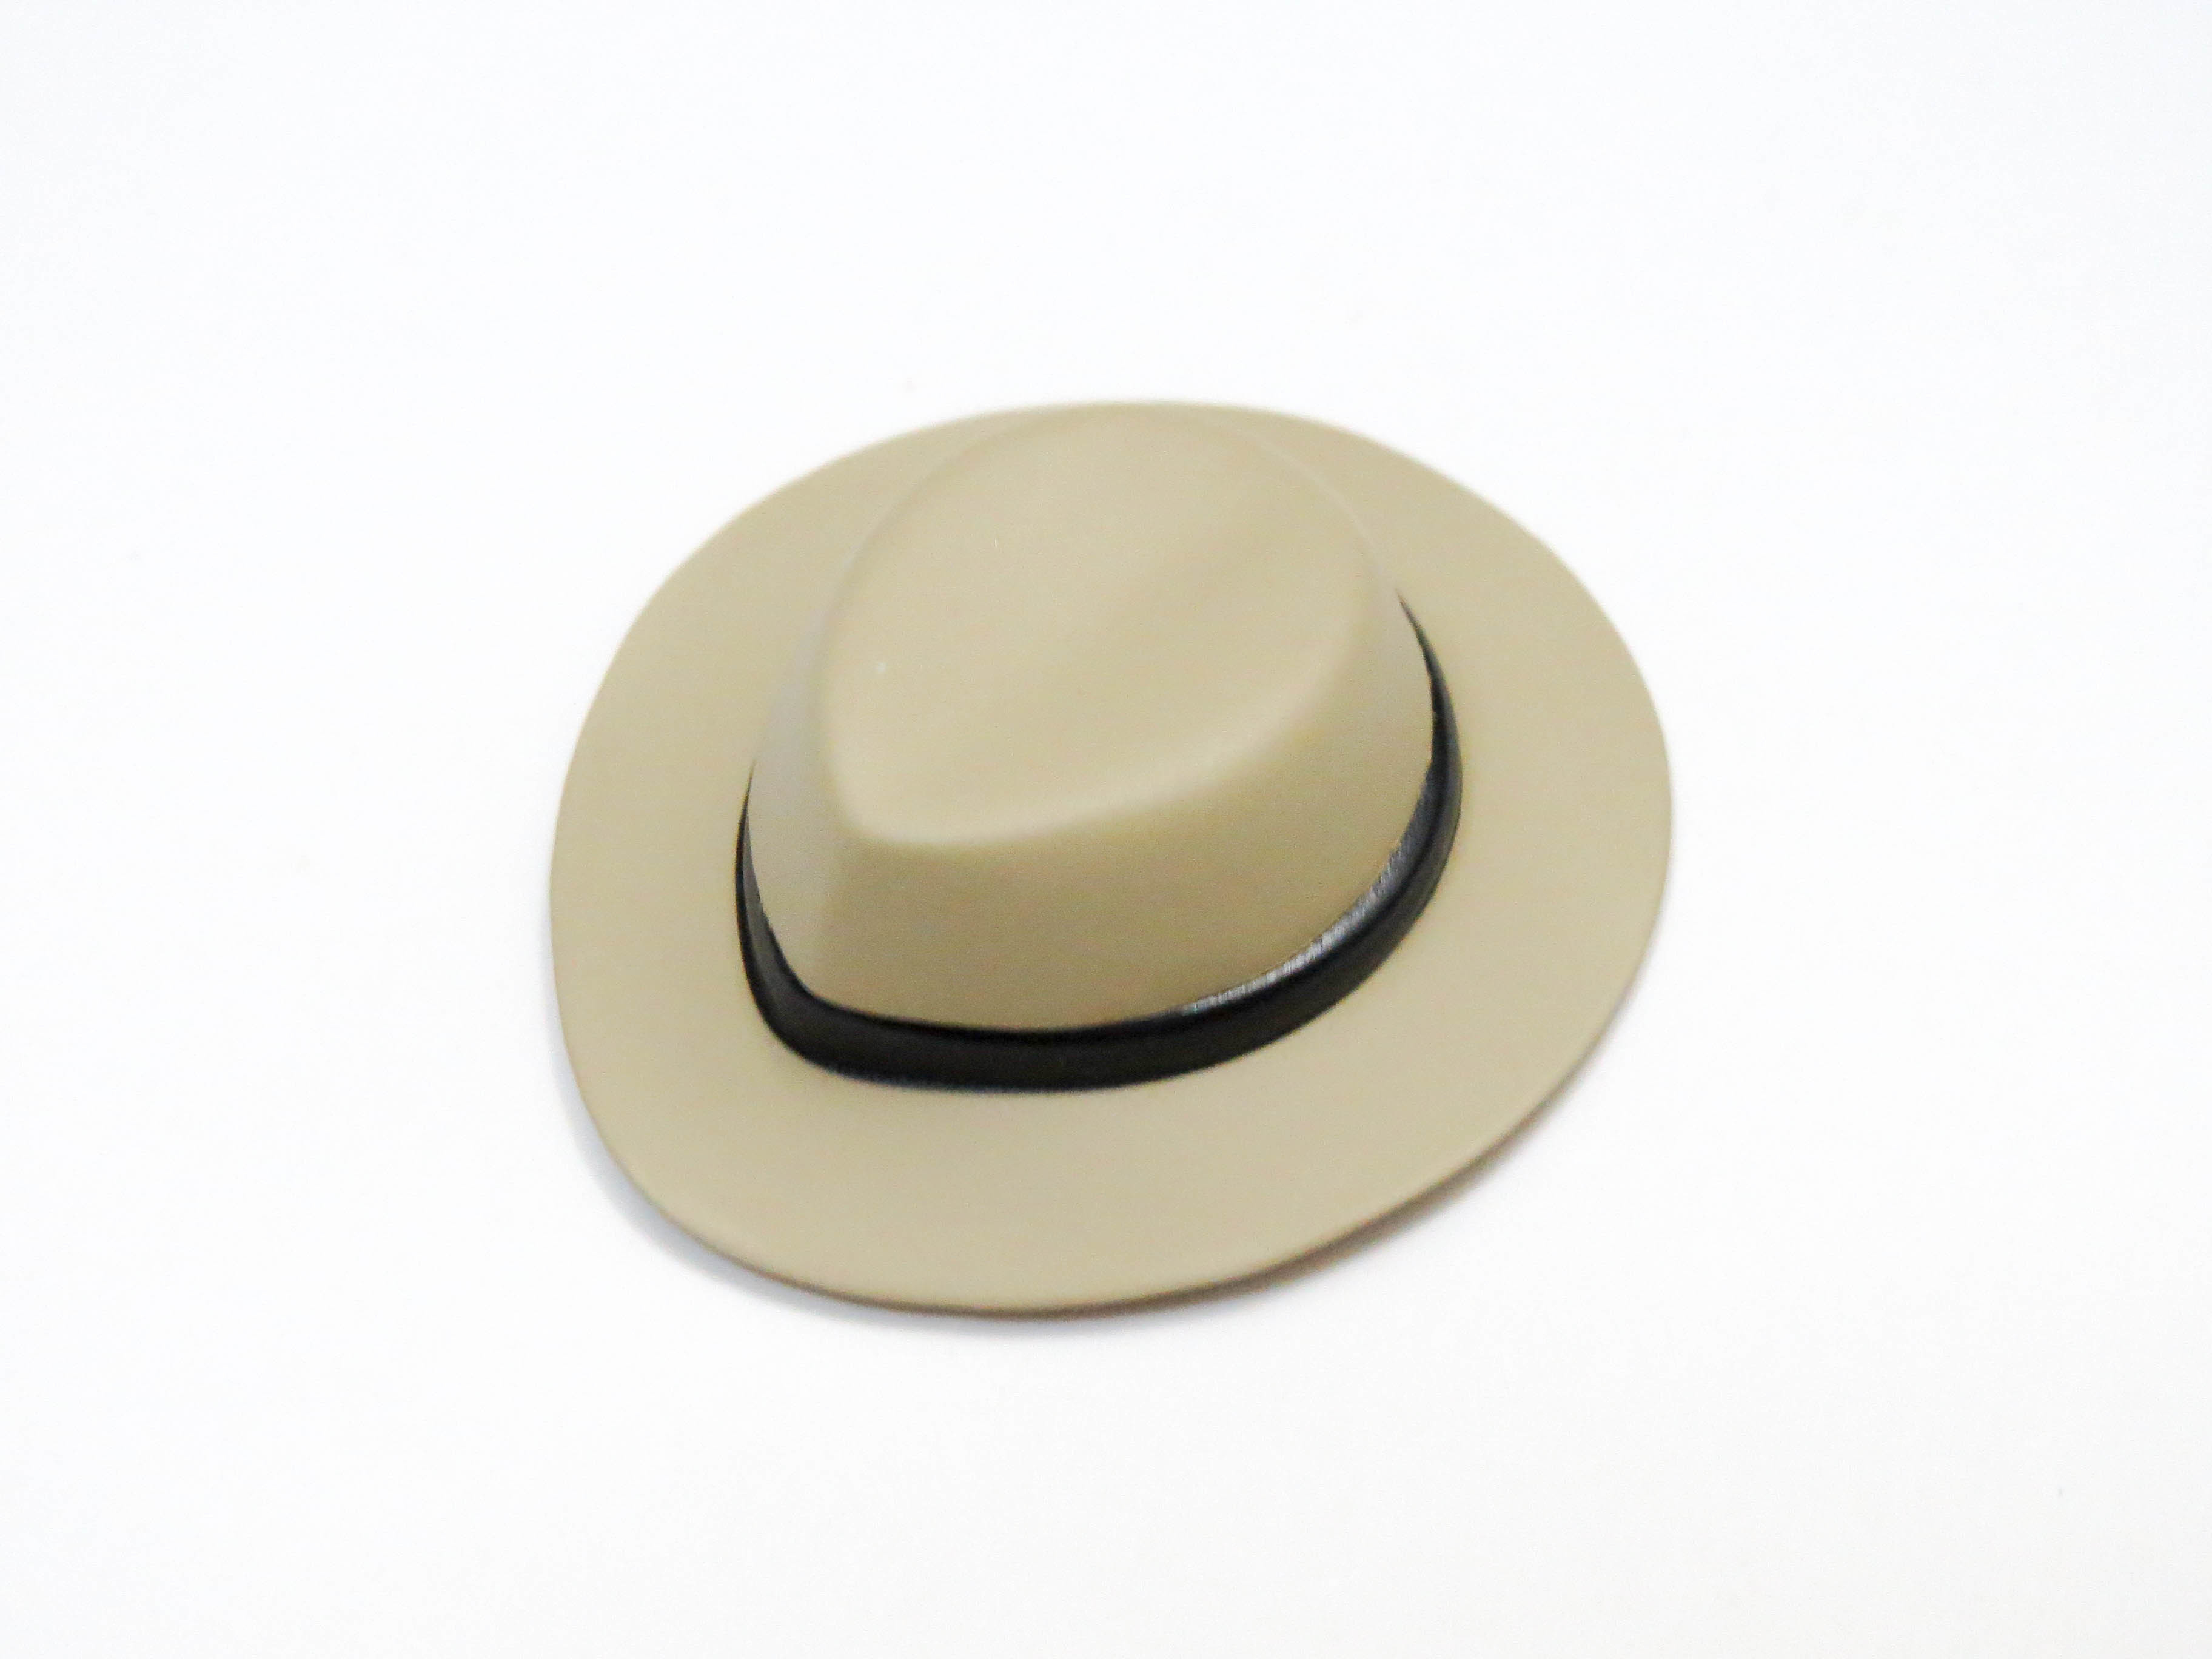 再入荷 ねんどろいどもあ きせかえWORLDイメージガール Vol.2 小物パーツ 小さな帽子